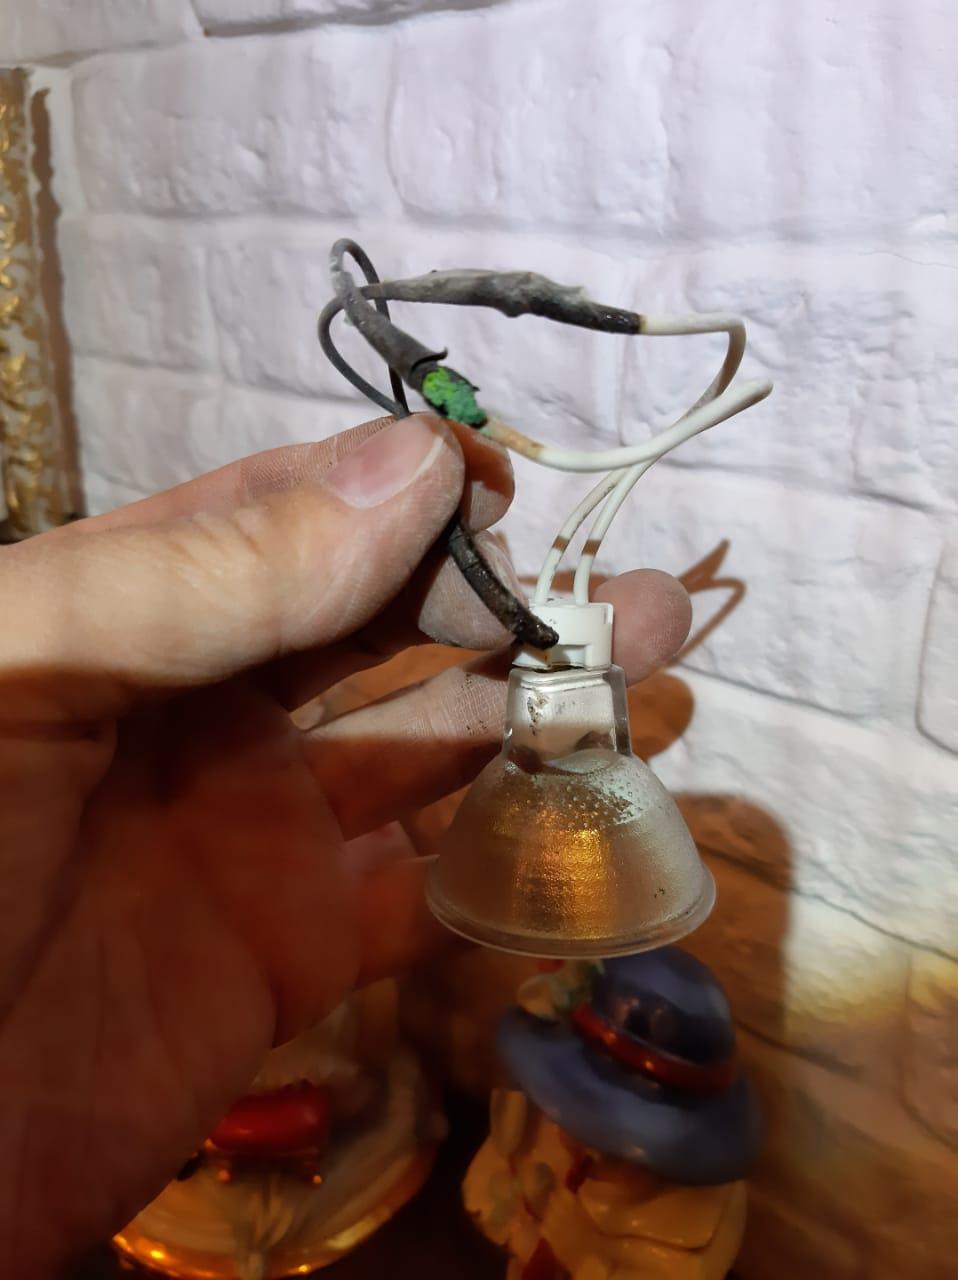 Срочный вызов электрика в квартиру из-за короткого замыкания в системе освещения